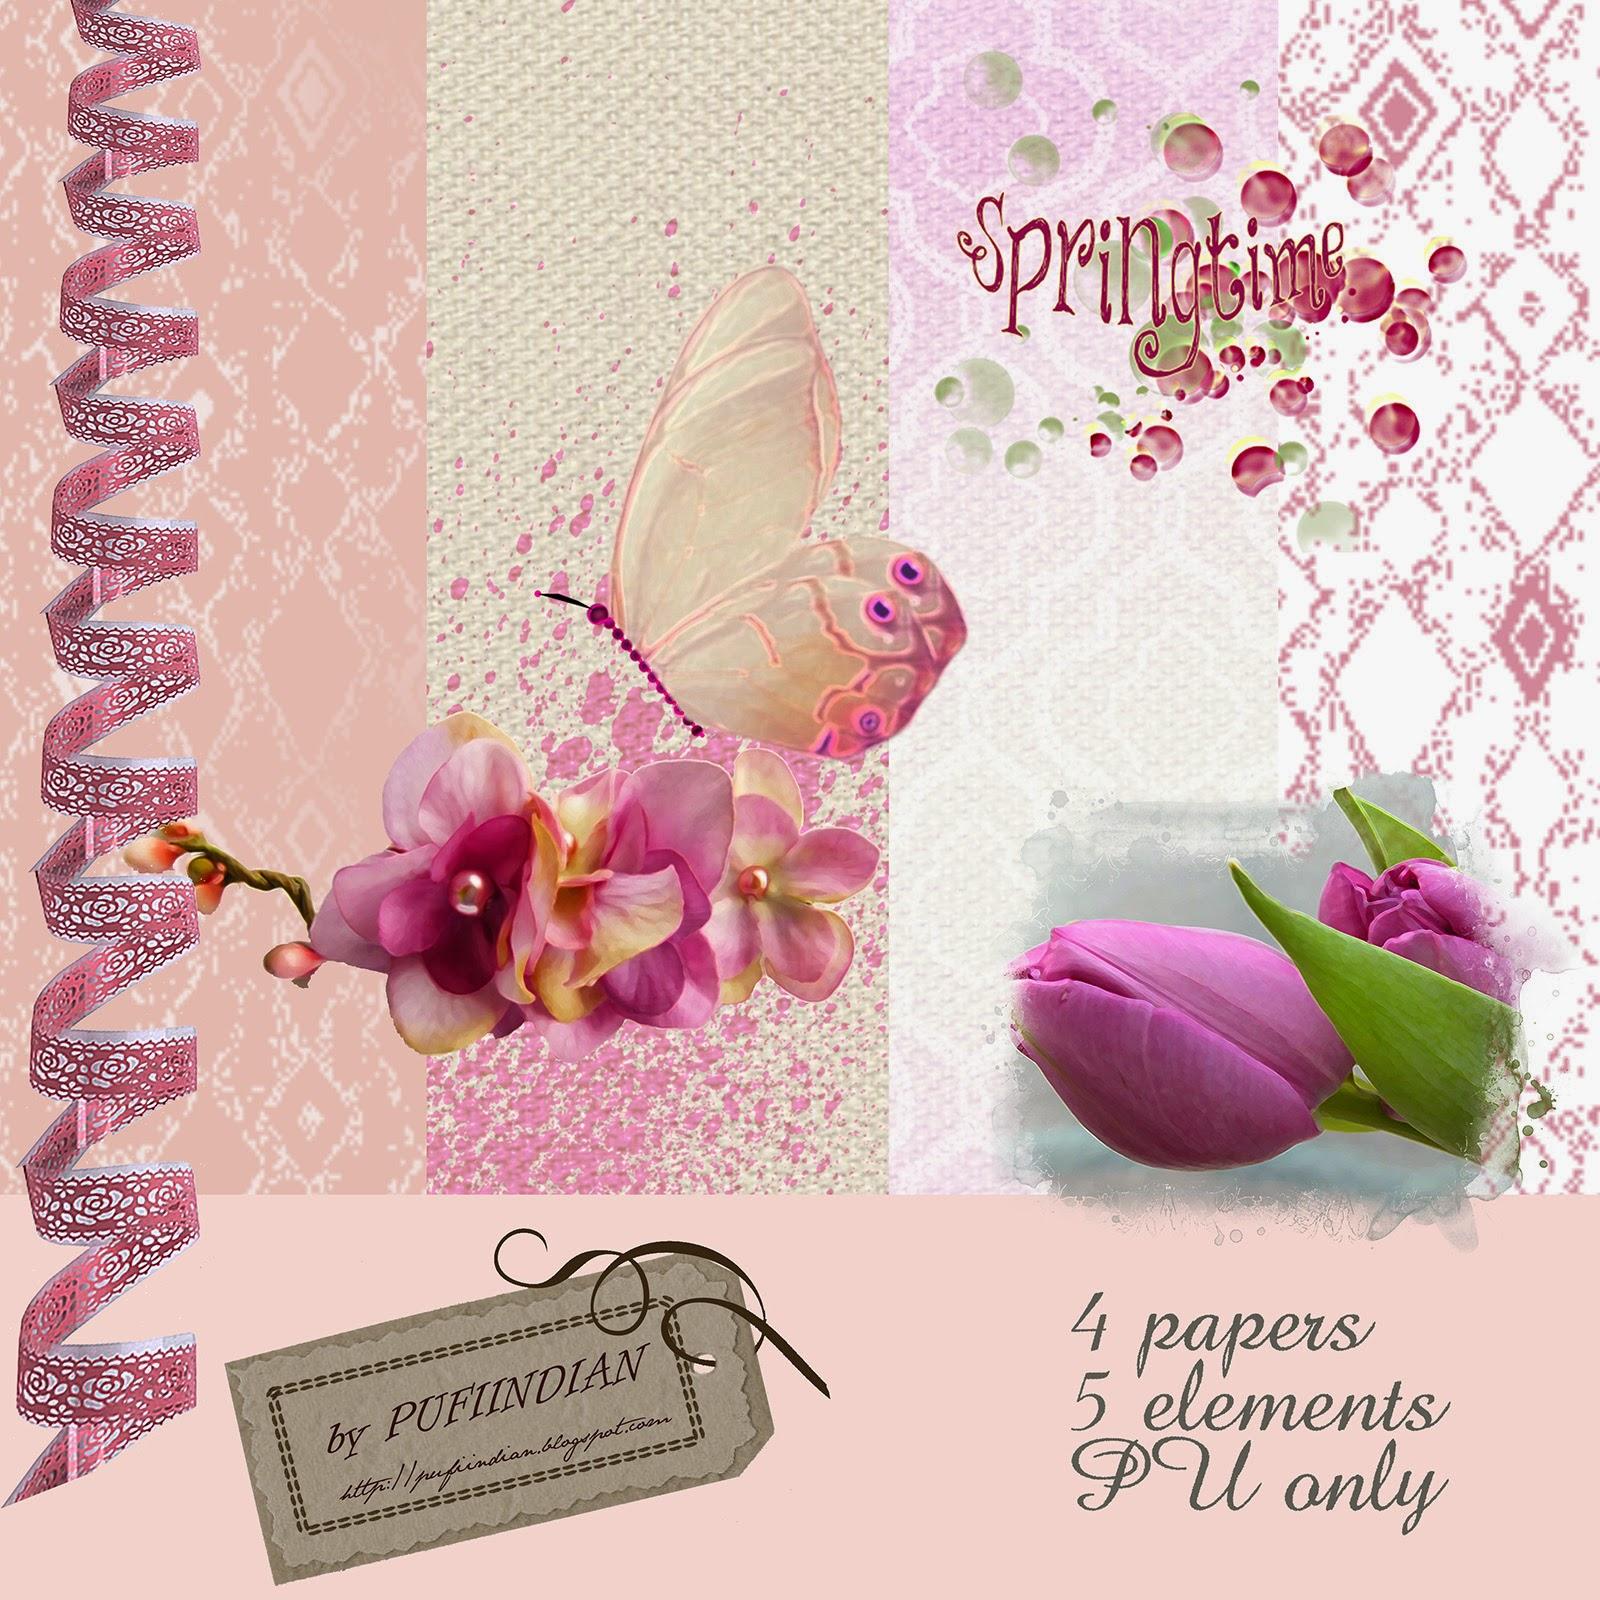 http://3.bp.blogspot.com/-u5p22zEvF8Y/VPoDGwZnvQI/AAAAAAAACpw/o-xWY50viHU/s1600/springtime.jpg